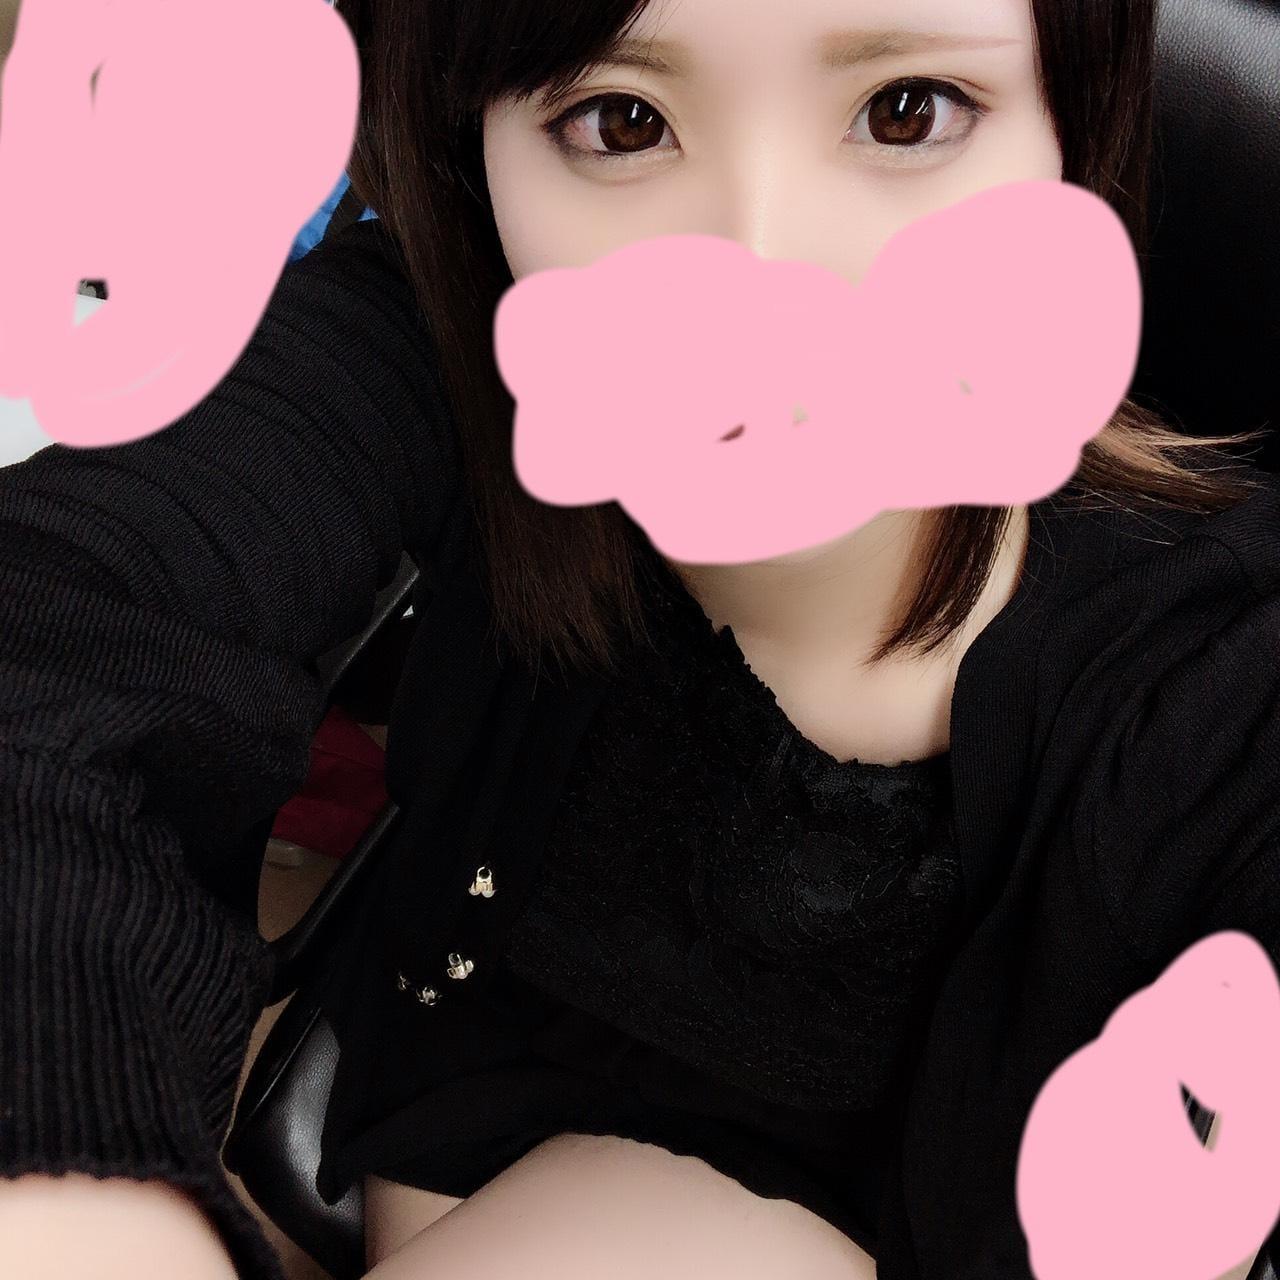 「出勤しました」09/25(09/25) 20:02   ちさとの写メ・風俗動画